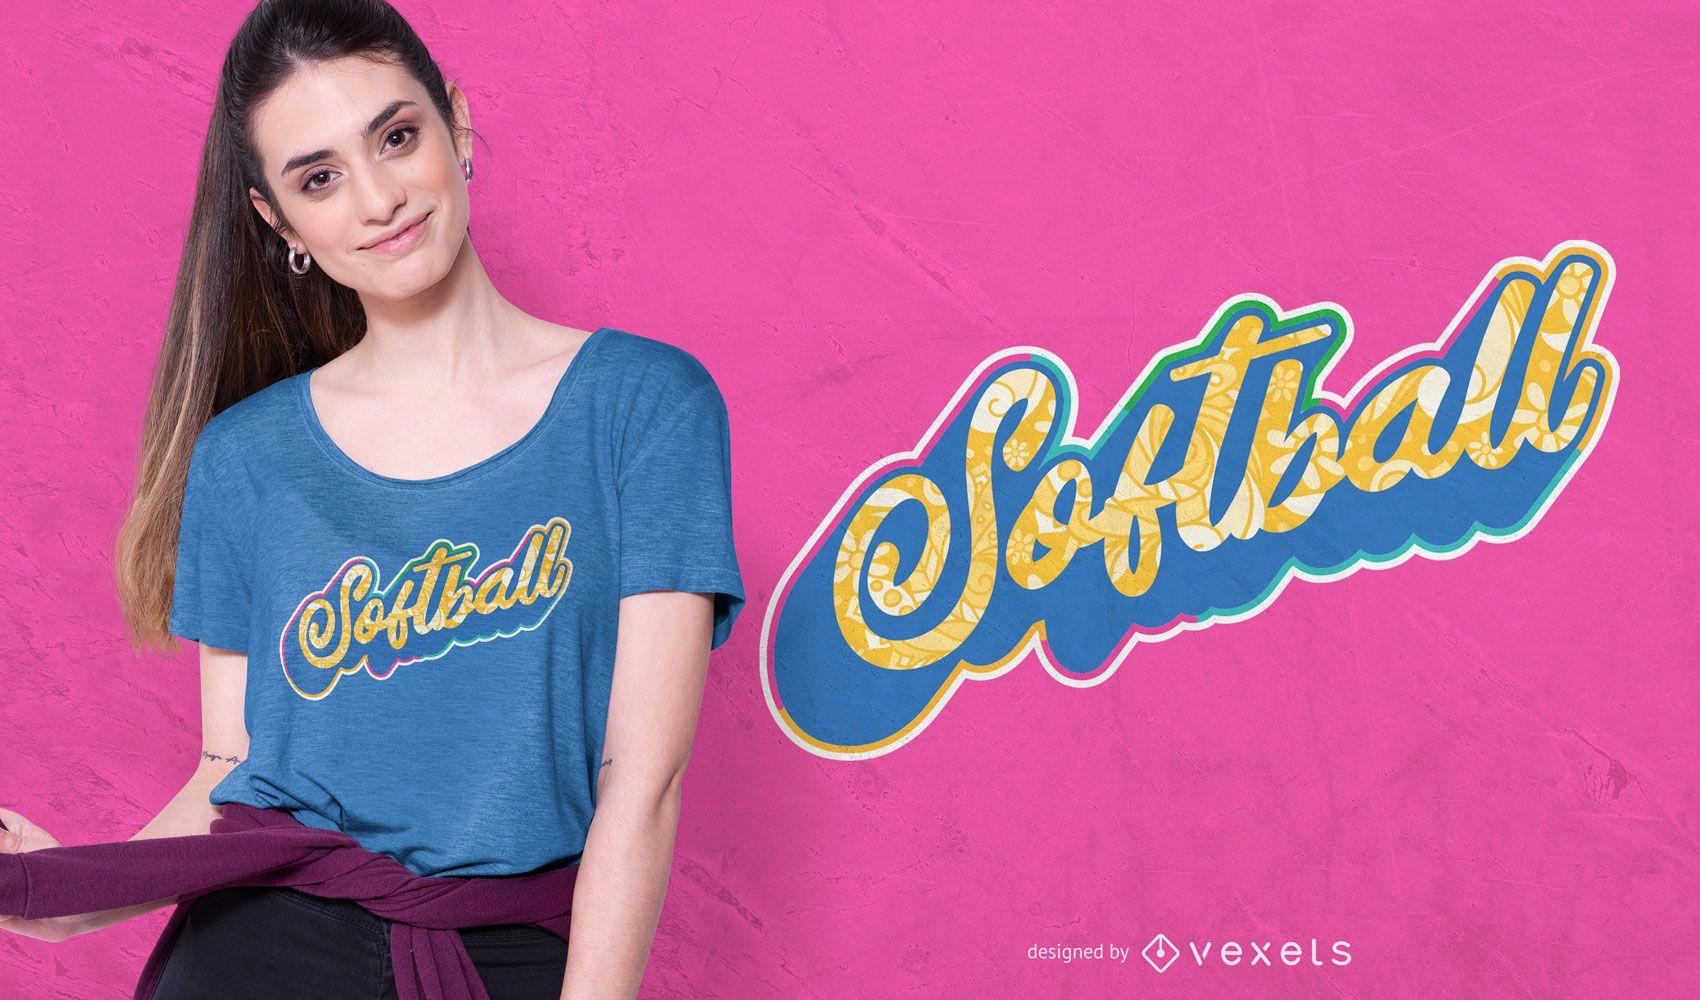 Softball lettering t-shirt design